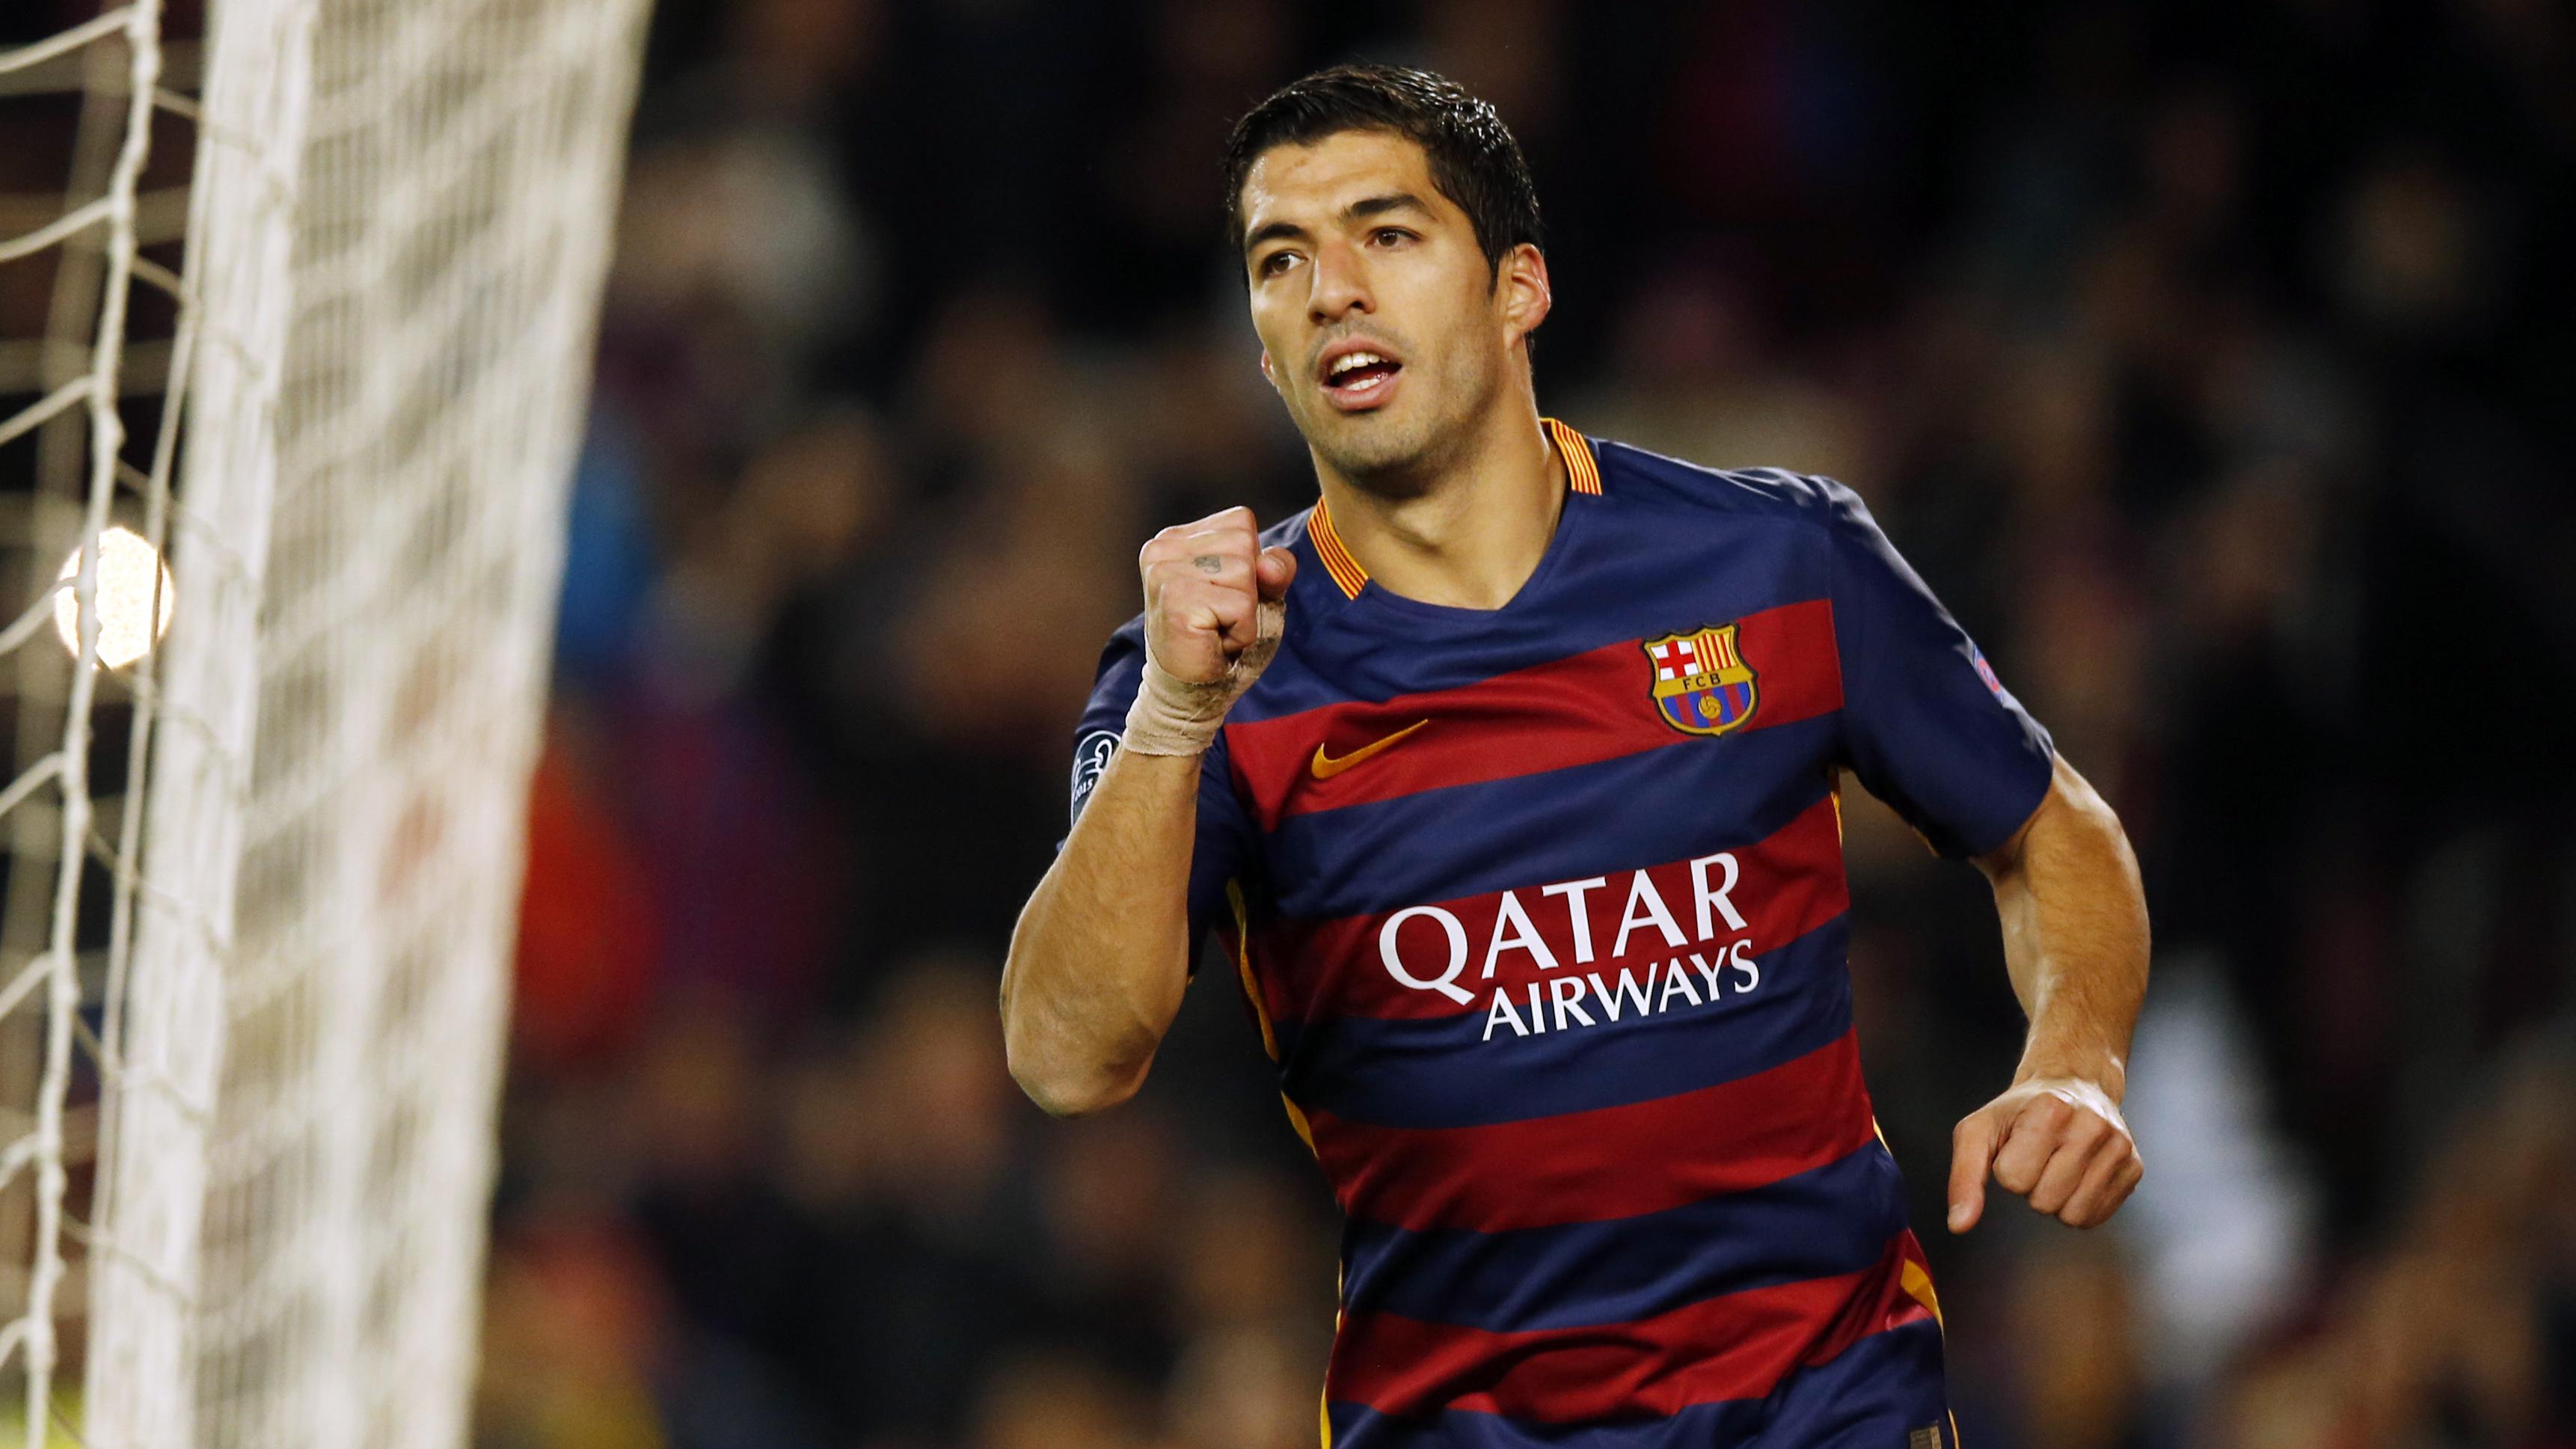 Galeria de Fotos - FC Barcelona 6x1 Roma - 24 11 2015 a7f826cc2dd28